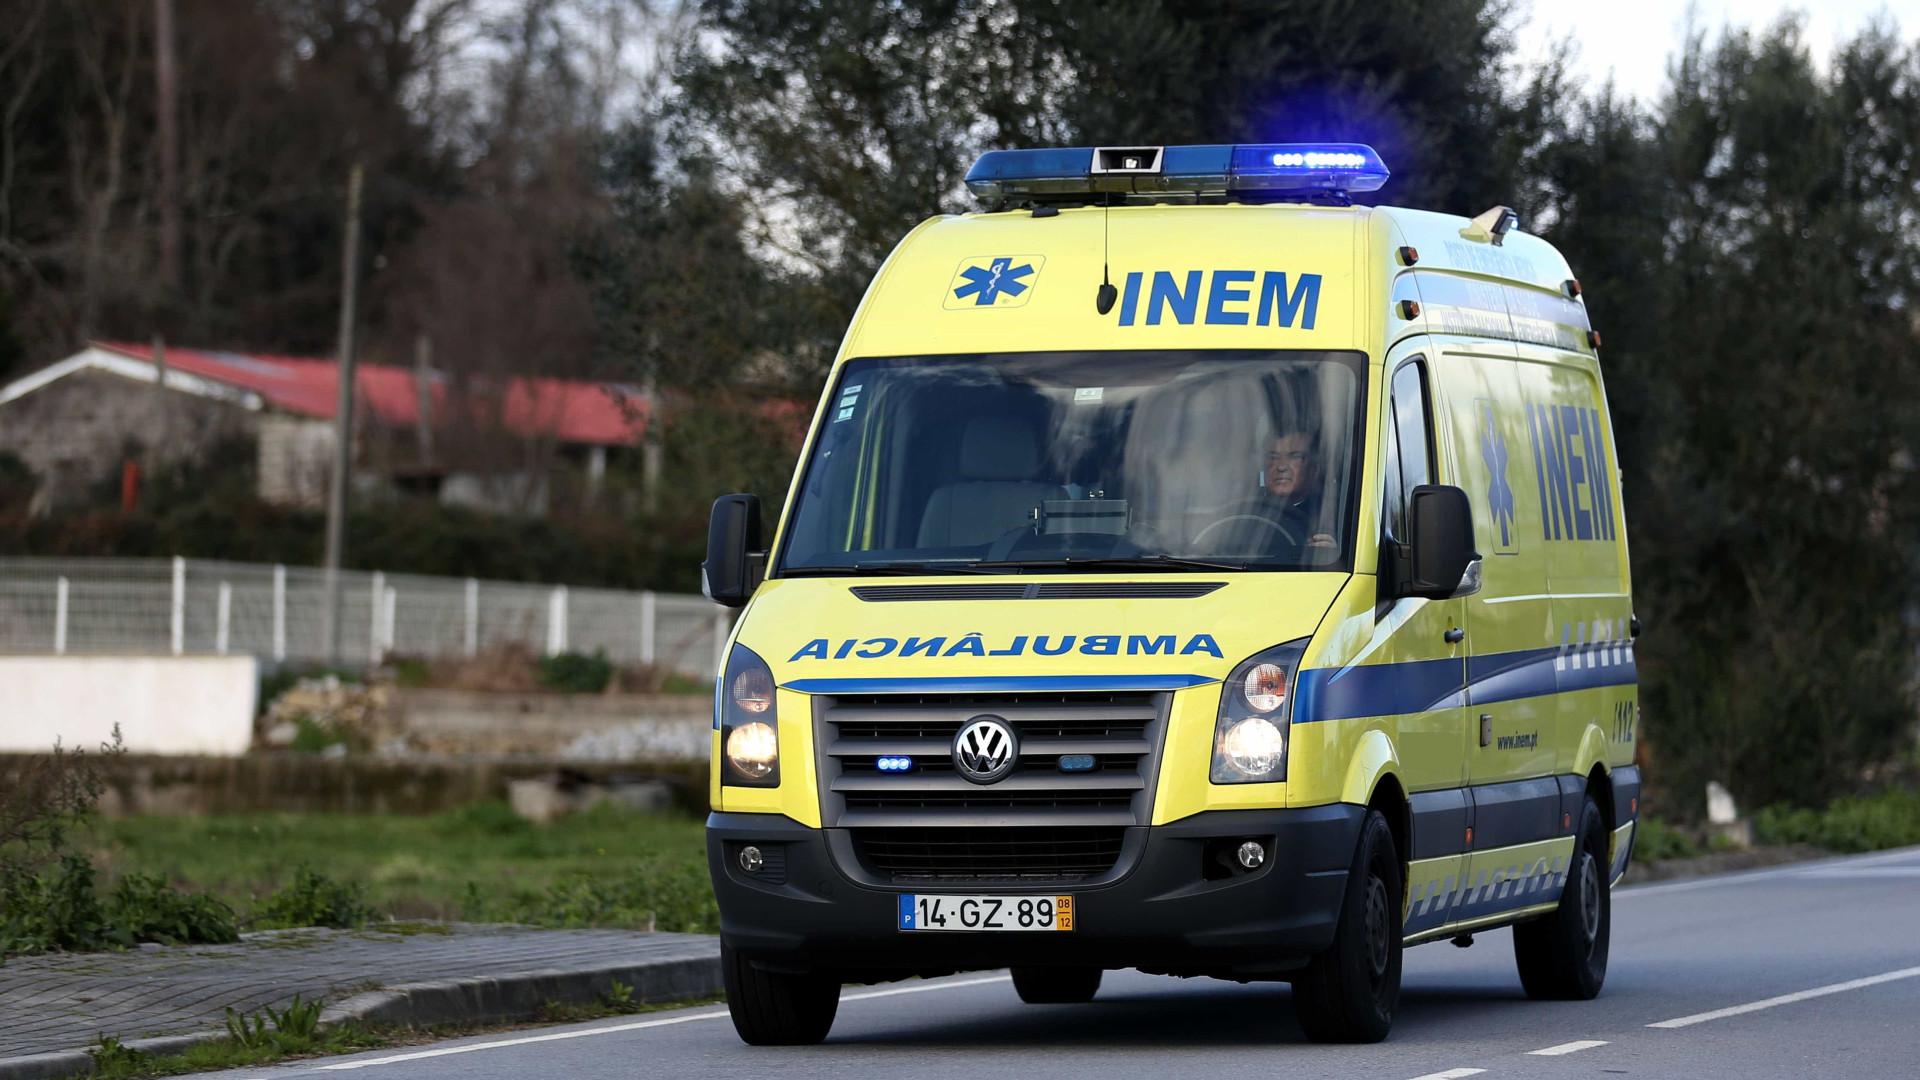 Homem de 47 anos morre em acidente com trator agrícola em Évora